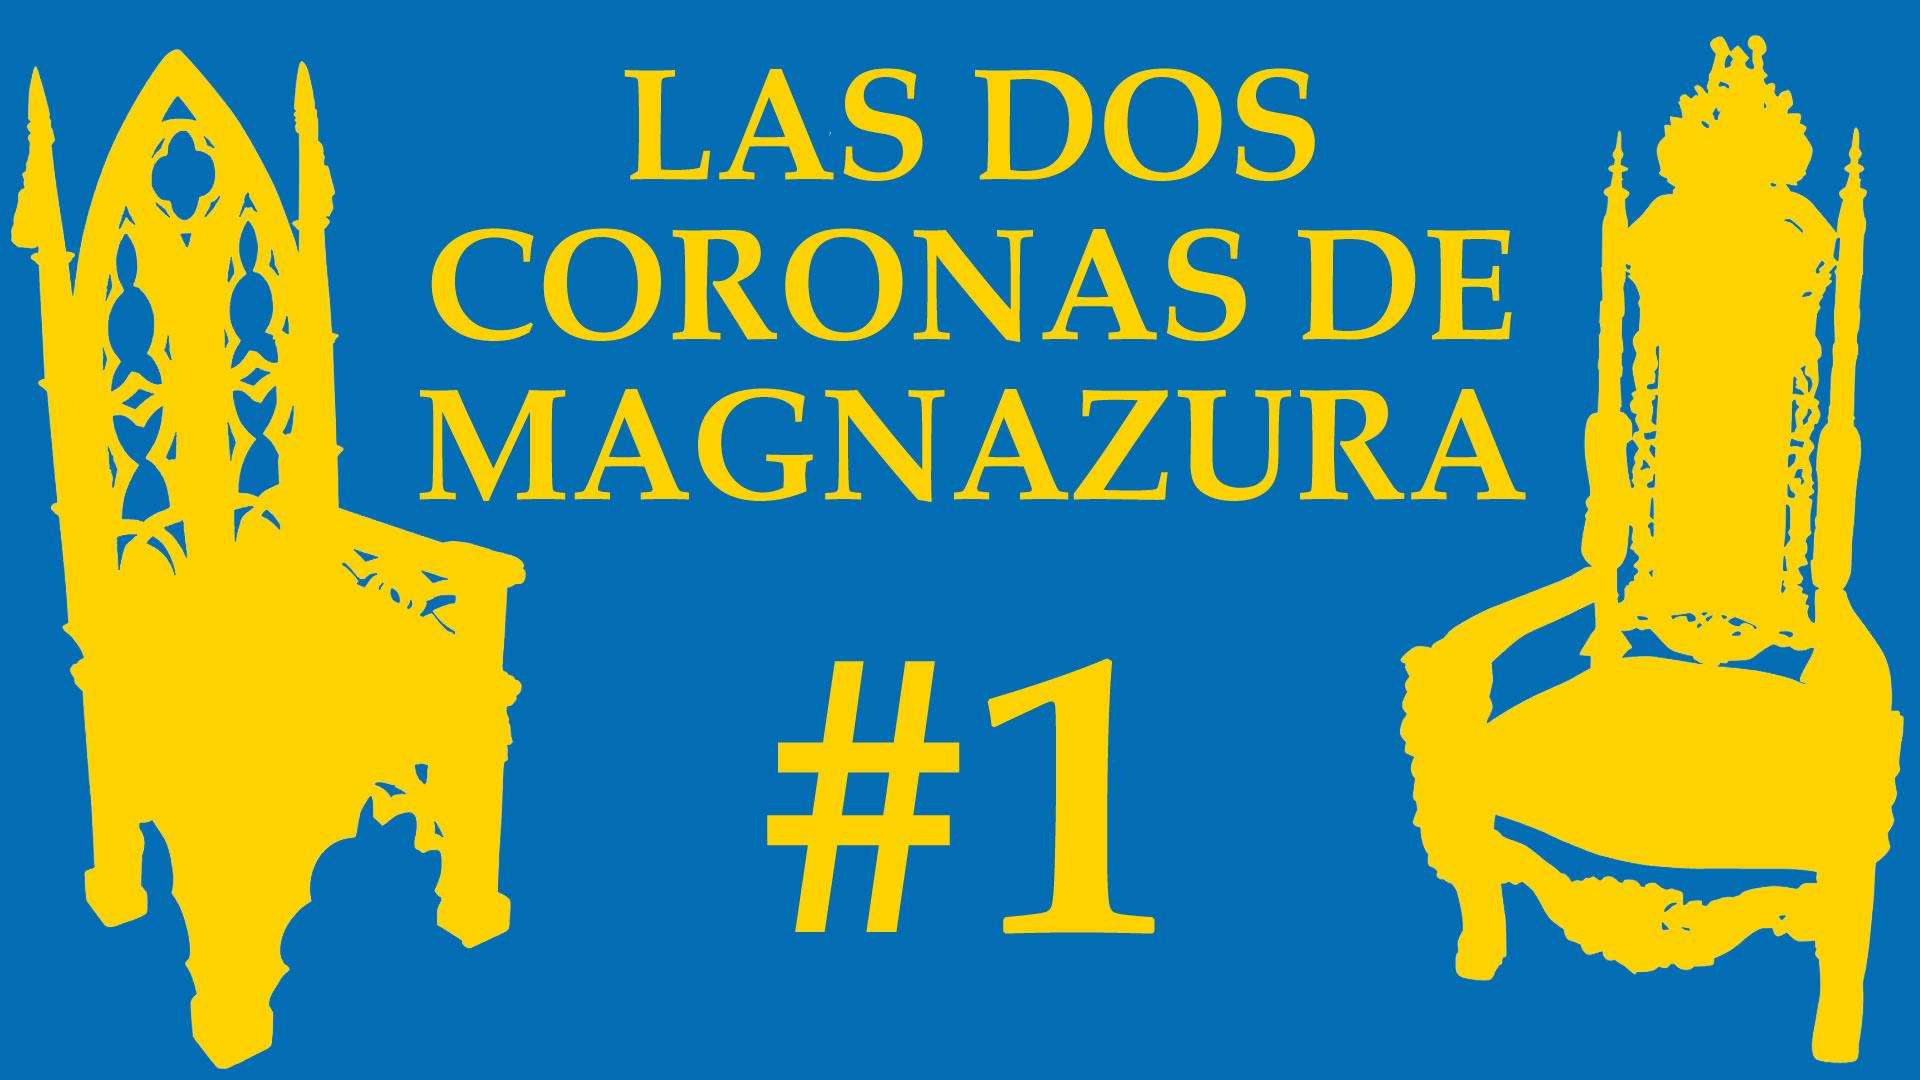 Las Dos Coronas de Magnazura #1 La batalla por La Frontera